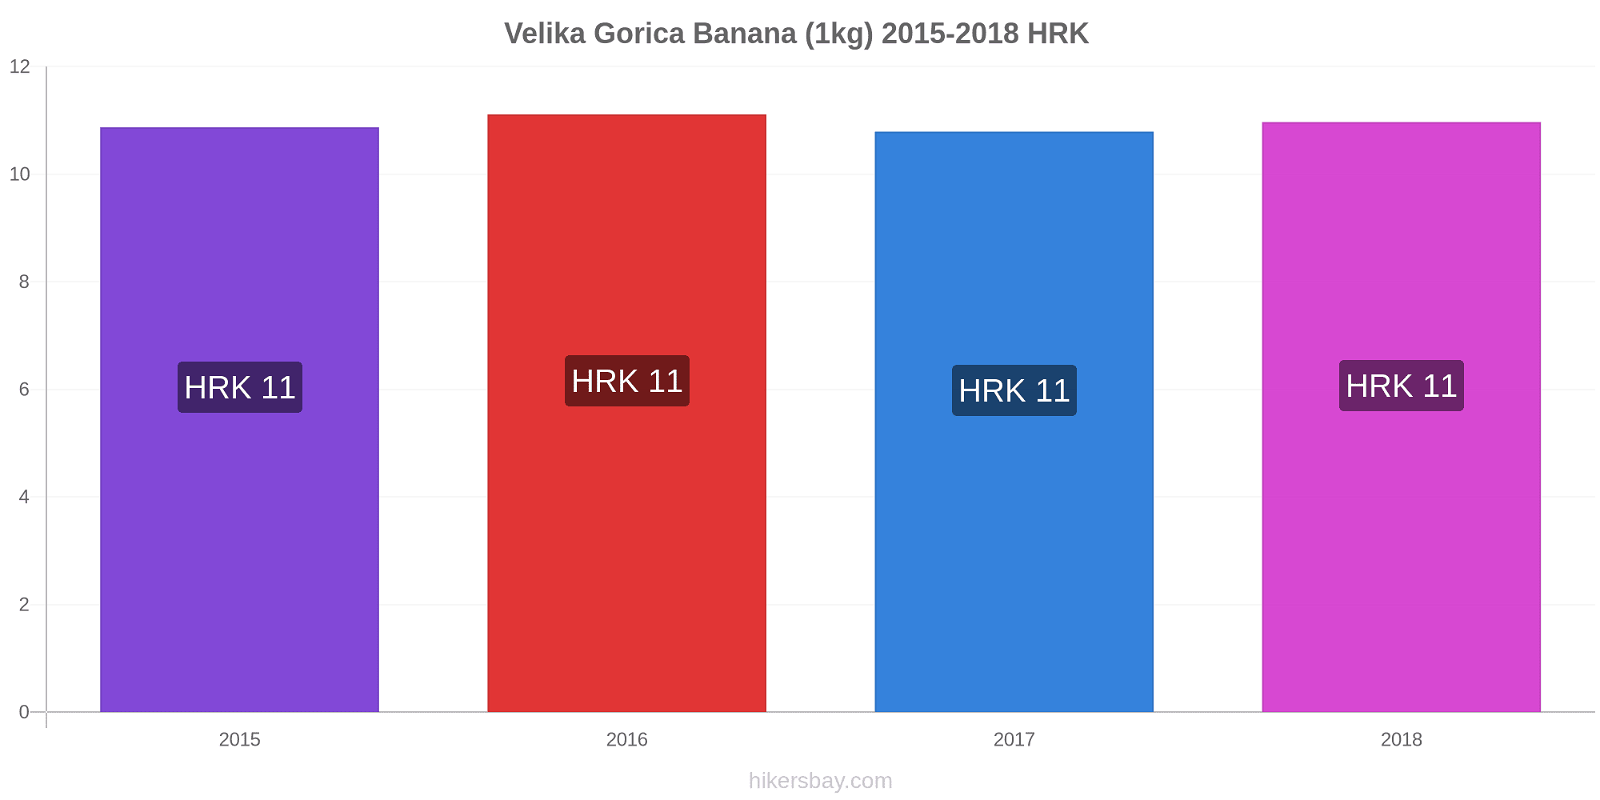 Velika Gorica variação de preço Banana (1kg) hikersbay.com